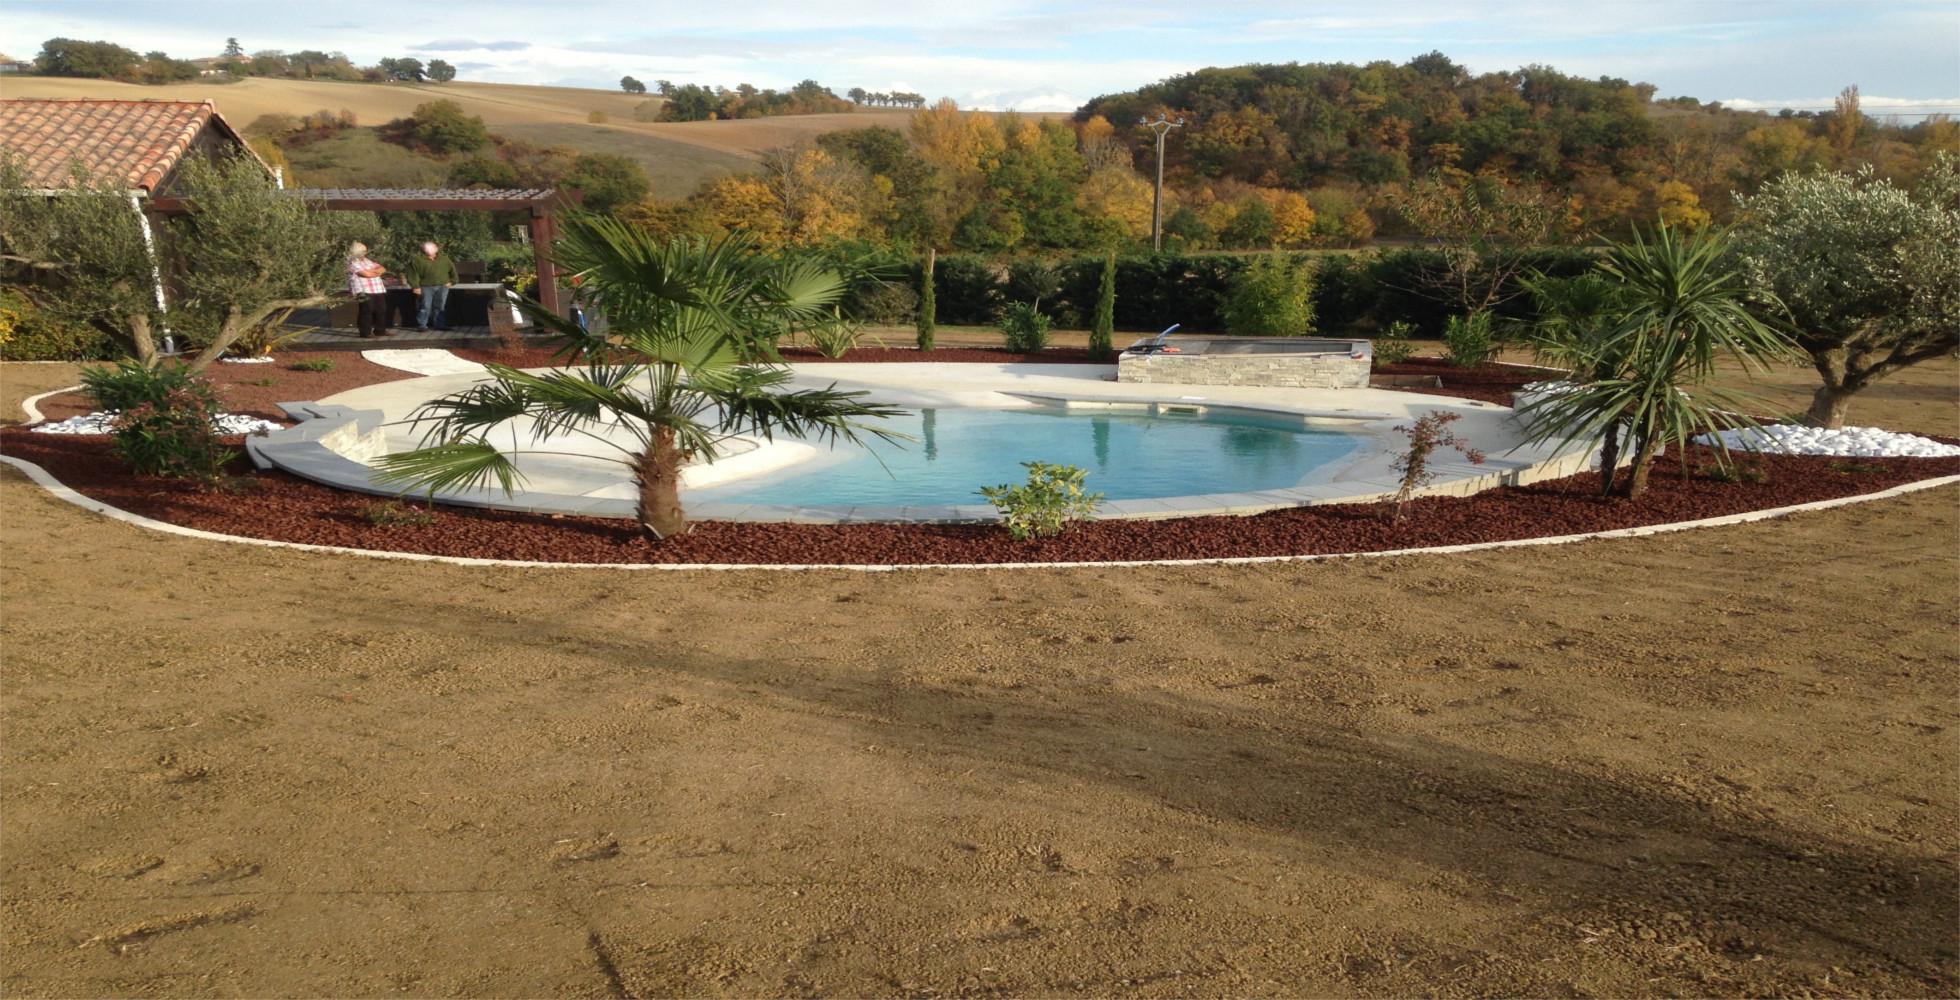 Tour De Piscine Gazon Synthetique aménagement tour de piscine